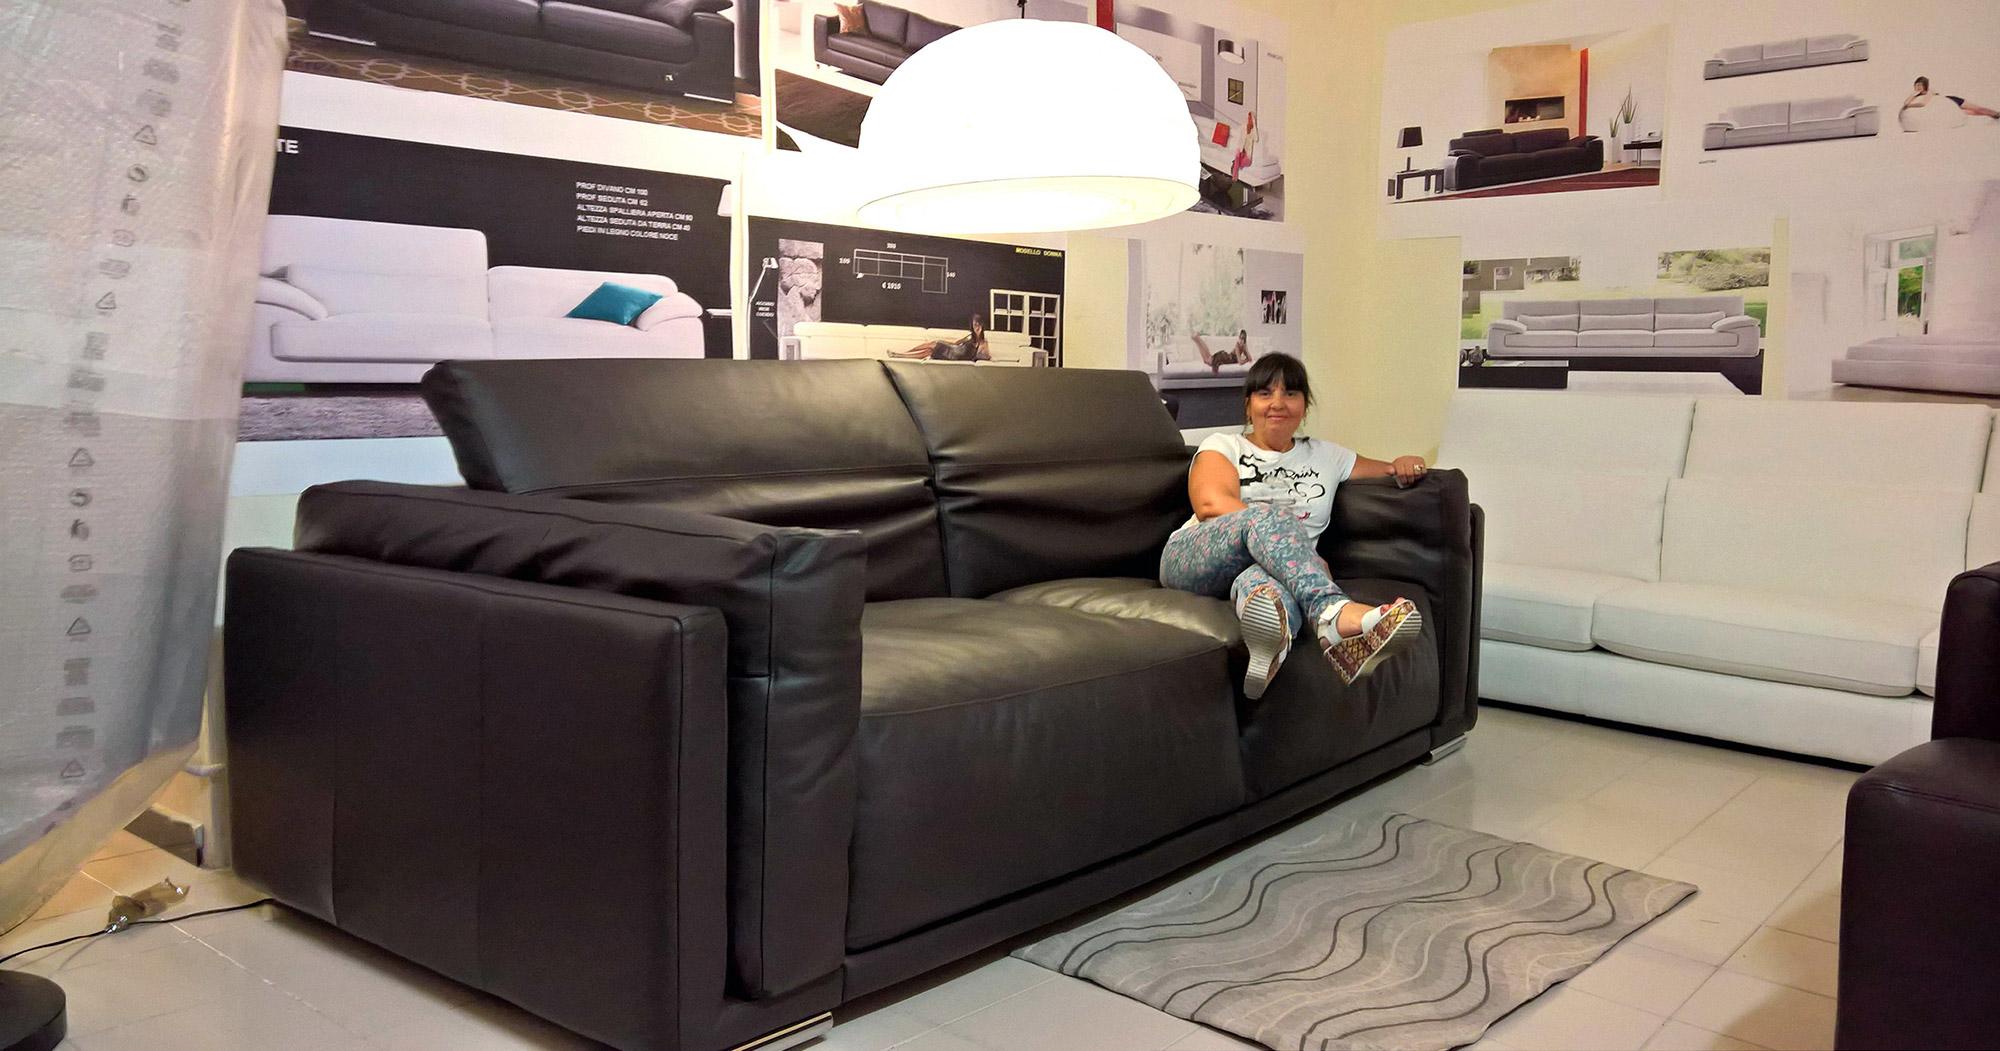 Cerco divani in offerta divani moderni bologna divano - Cerco divano letto in regalo ...